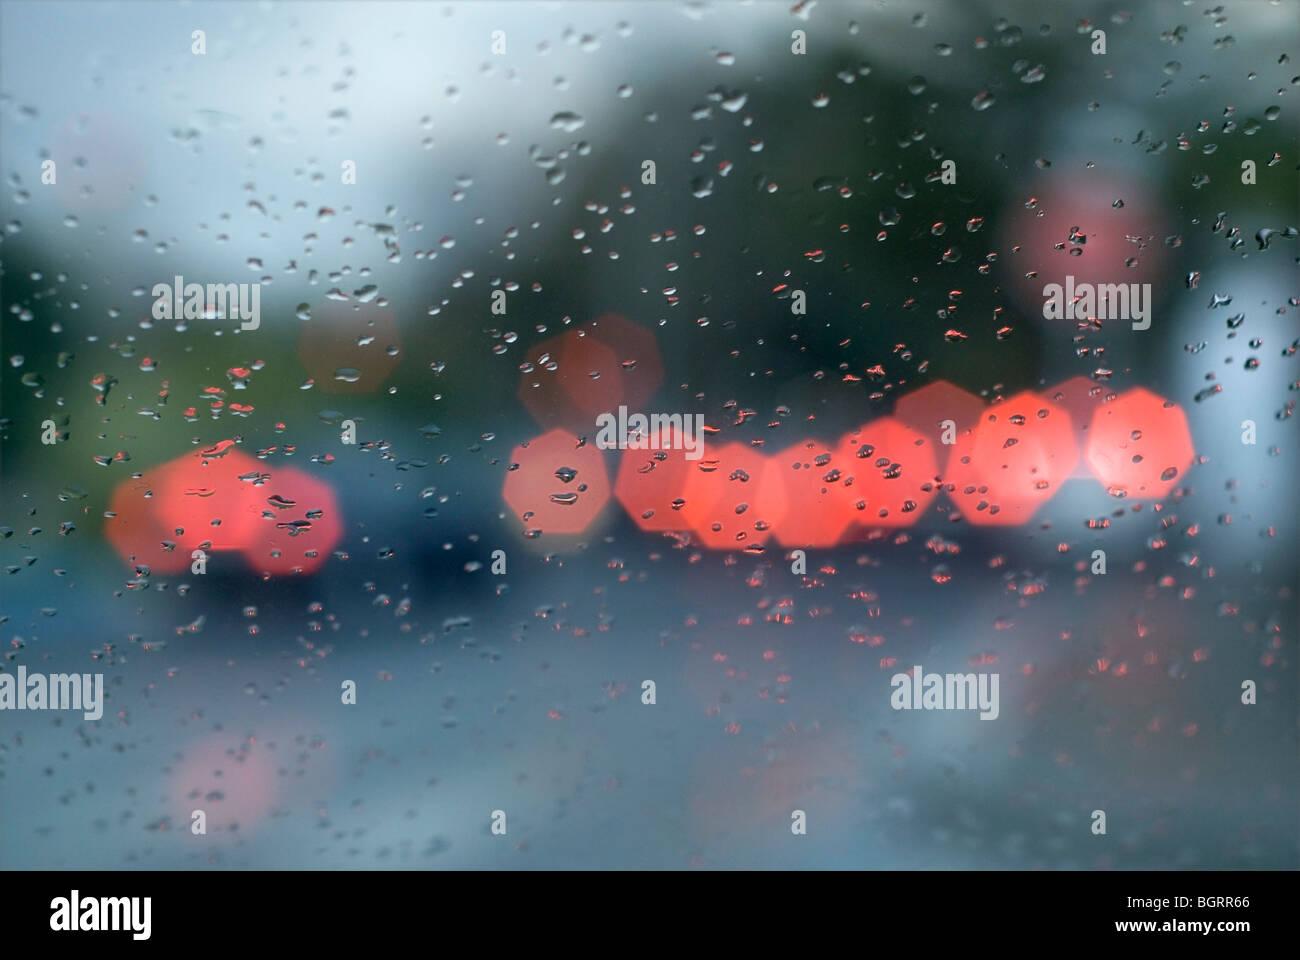 Giornata di pioggia Immagini Stock